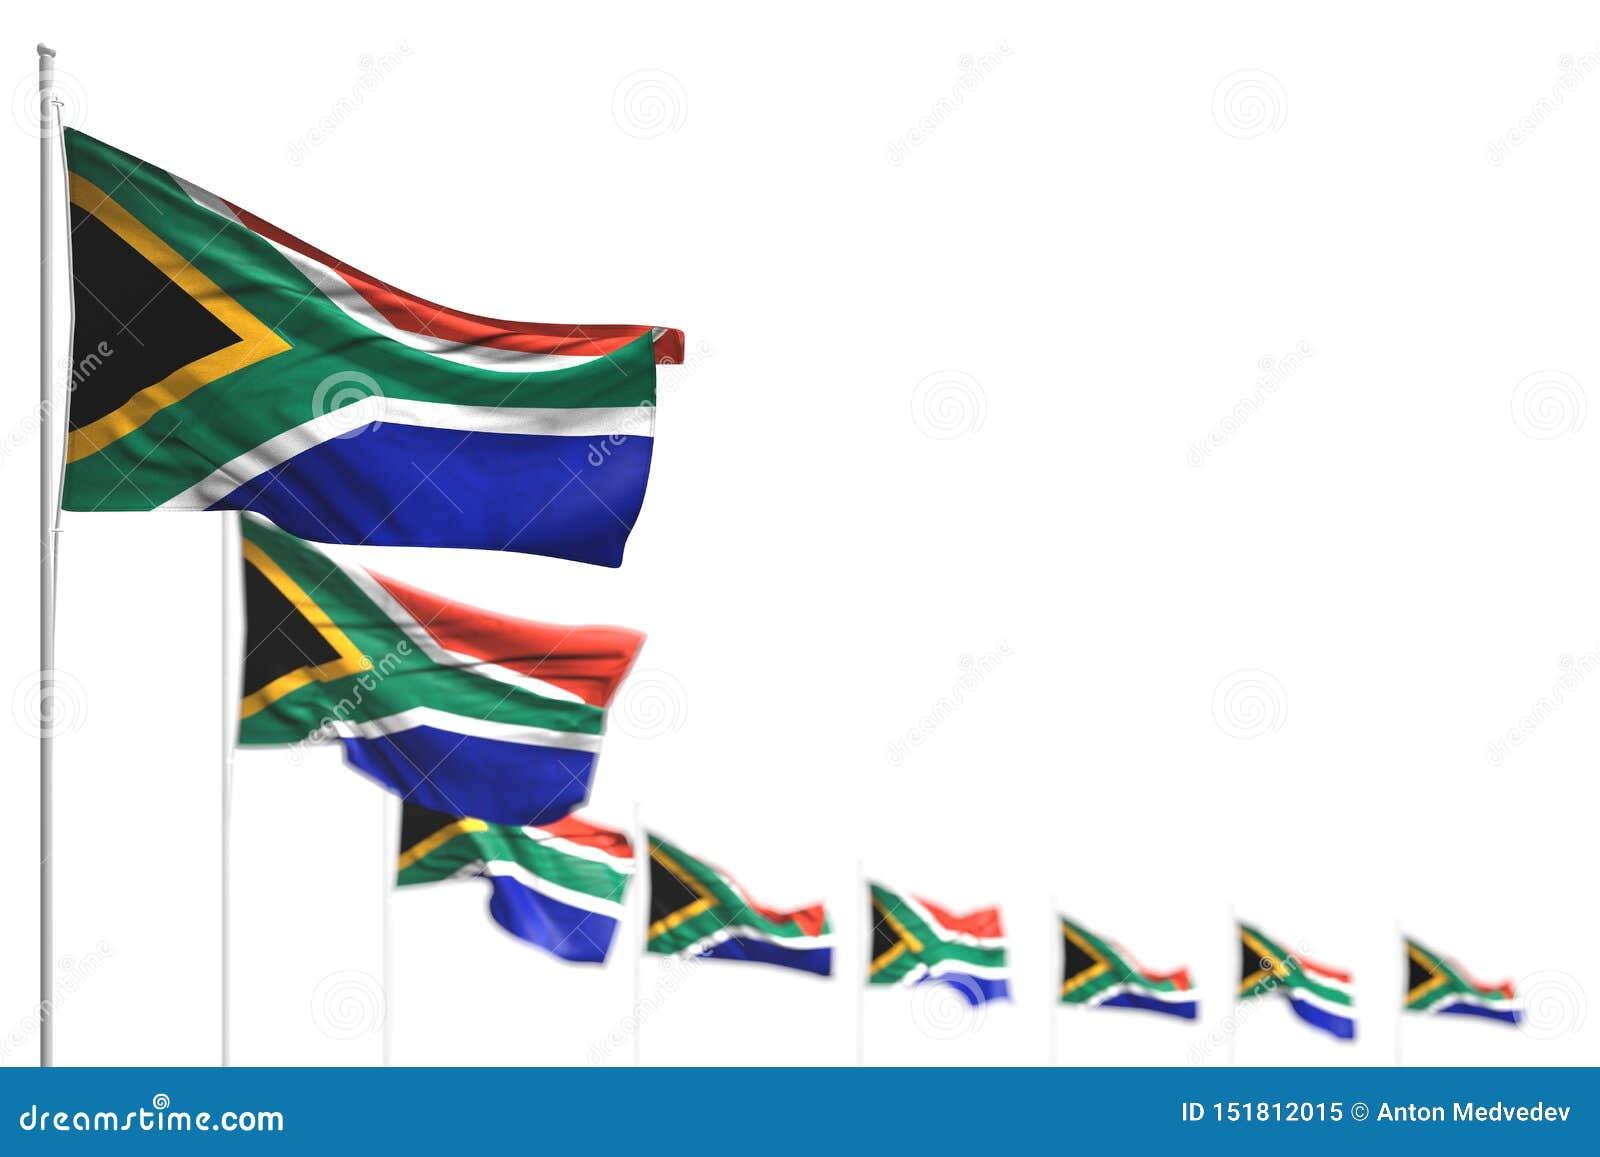 Härlig illustration för flagga 3d för arbets- dag - Sydafrika isolerade flaggor förlade diagonalt, bild med den selektiva fokusen